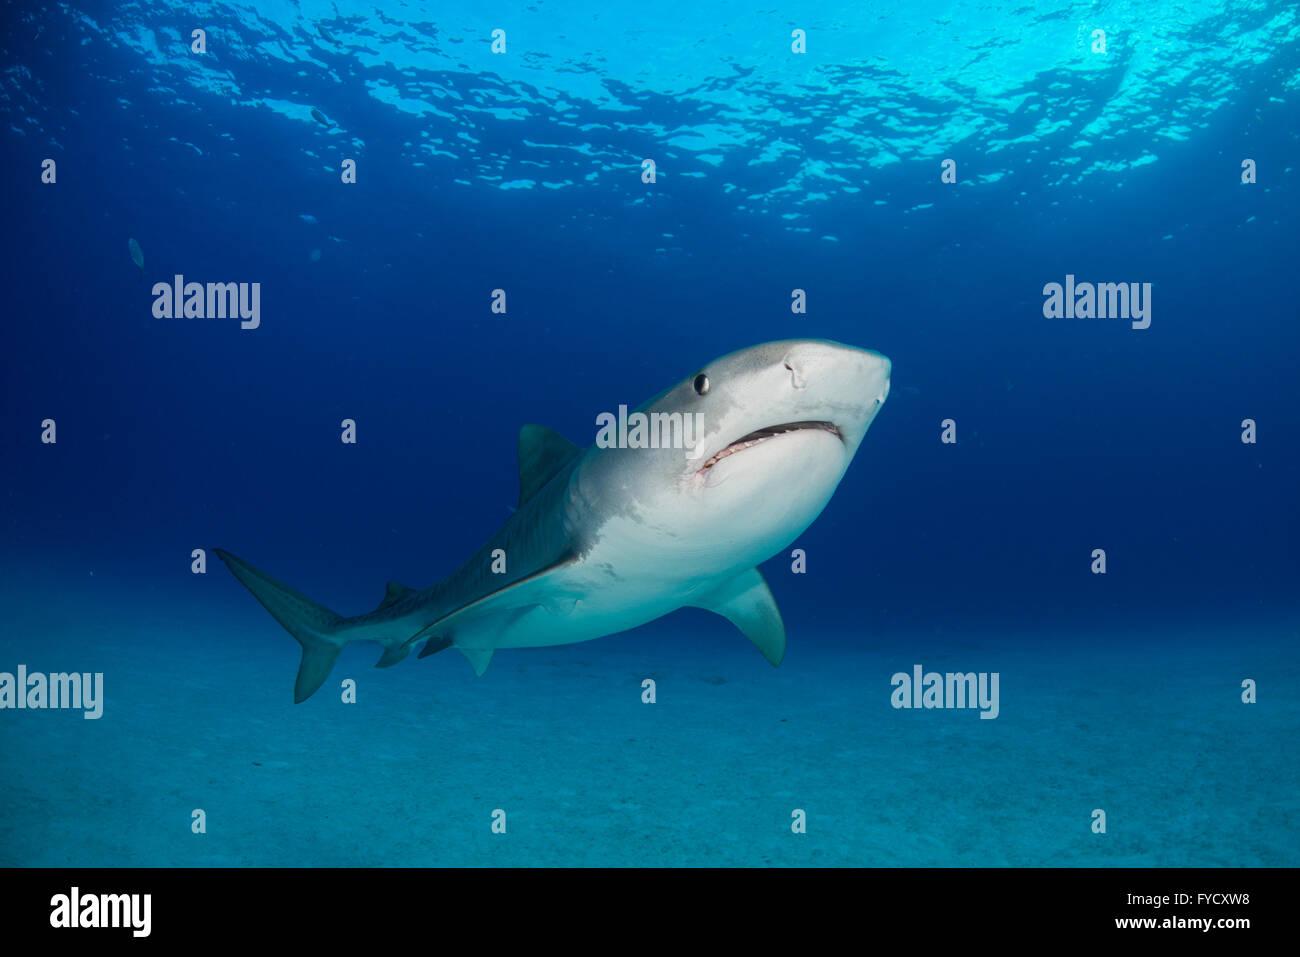 Tiger shark, Galeocerdo cuvier, underside, Bahamas - Stock Image